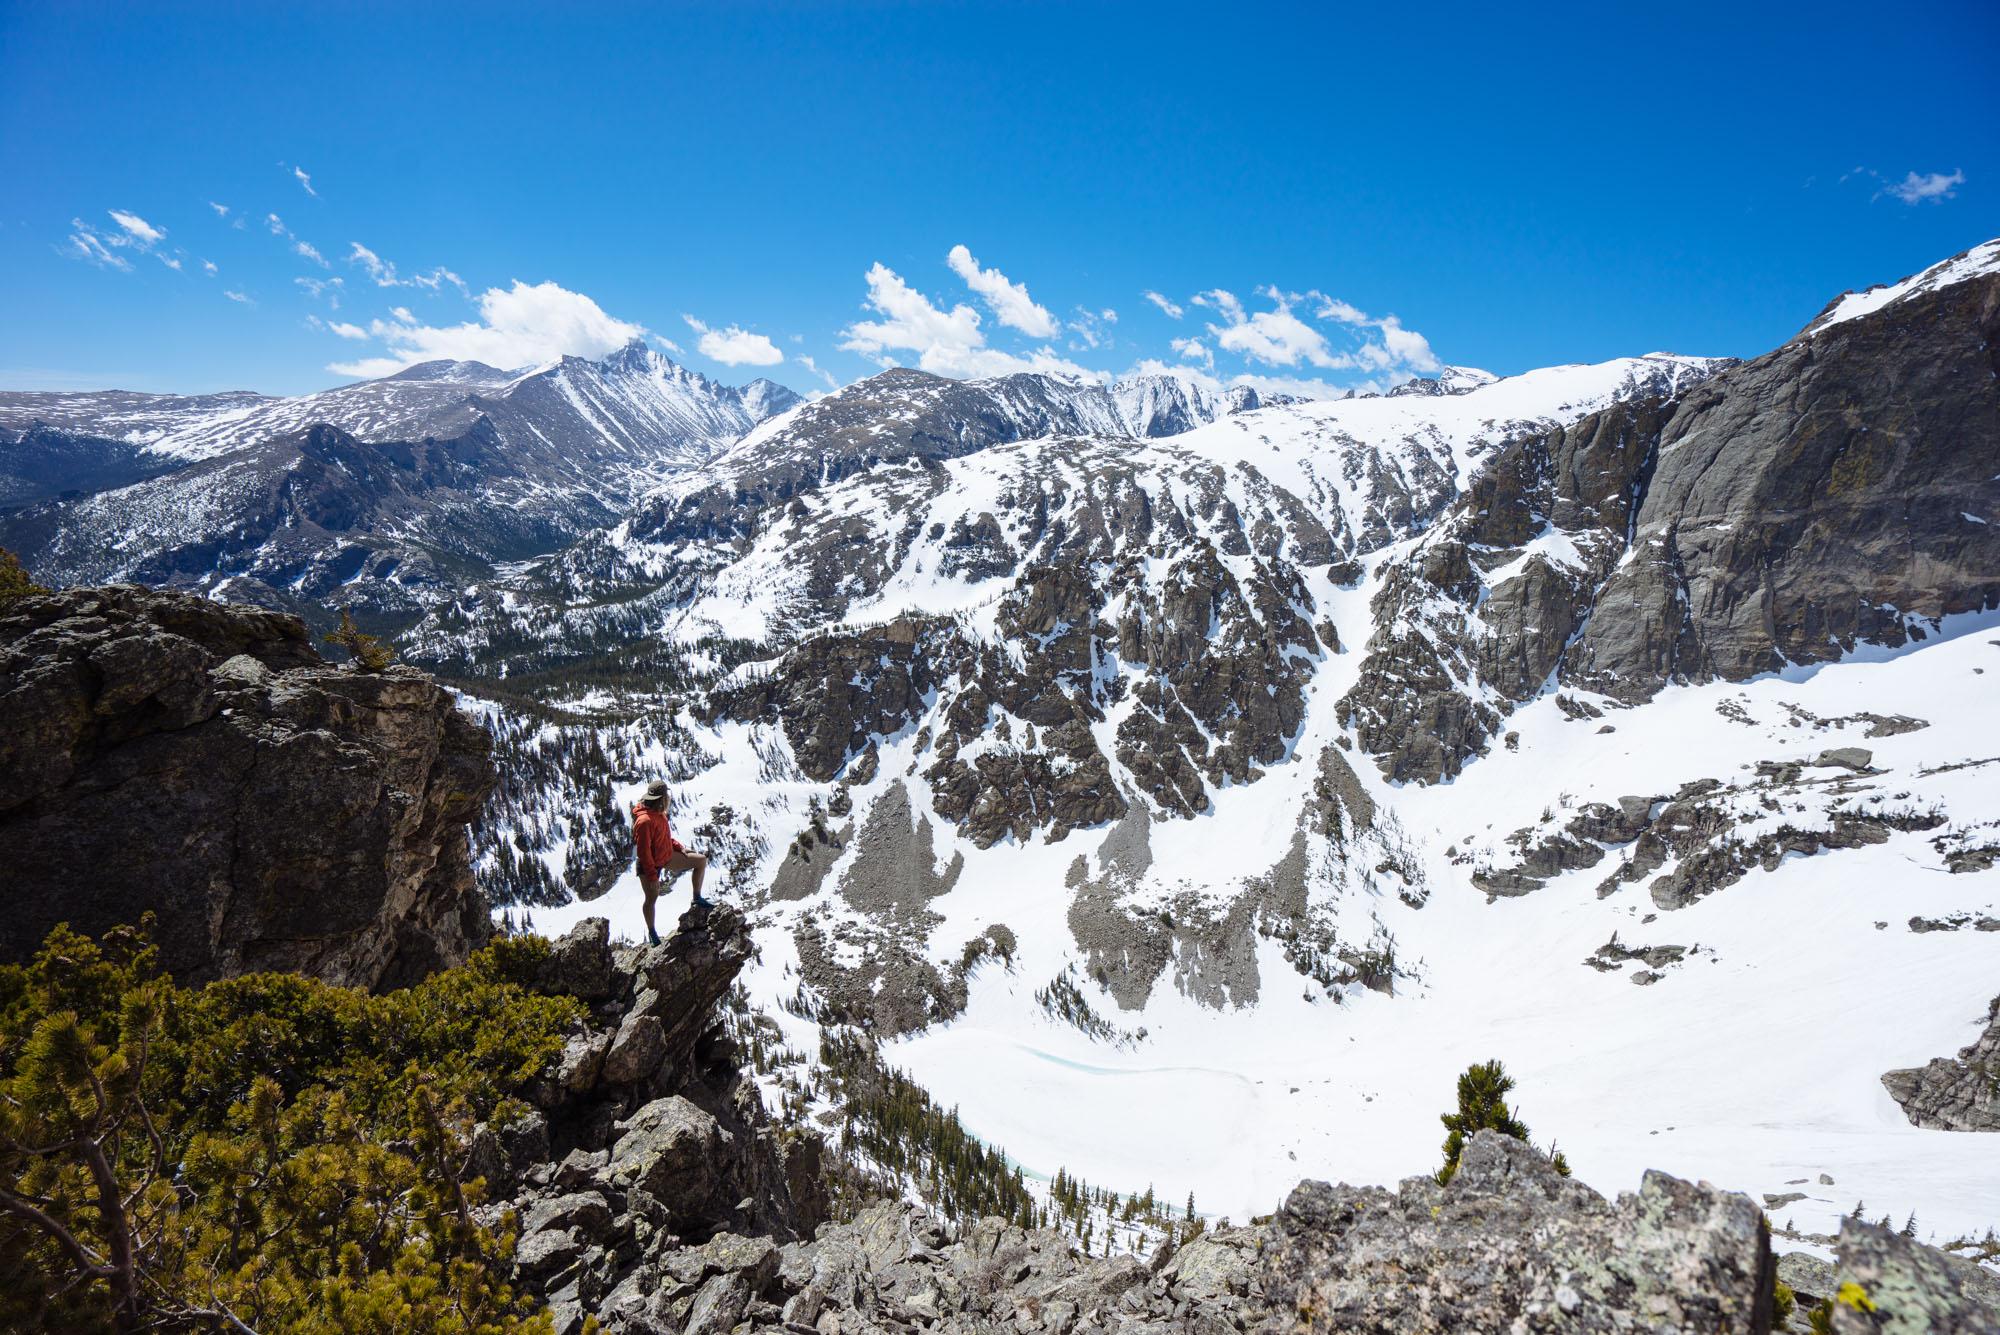 Hiking to Flat Top Mountain, RMNP, CO